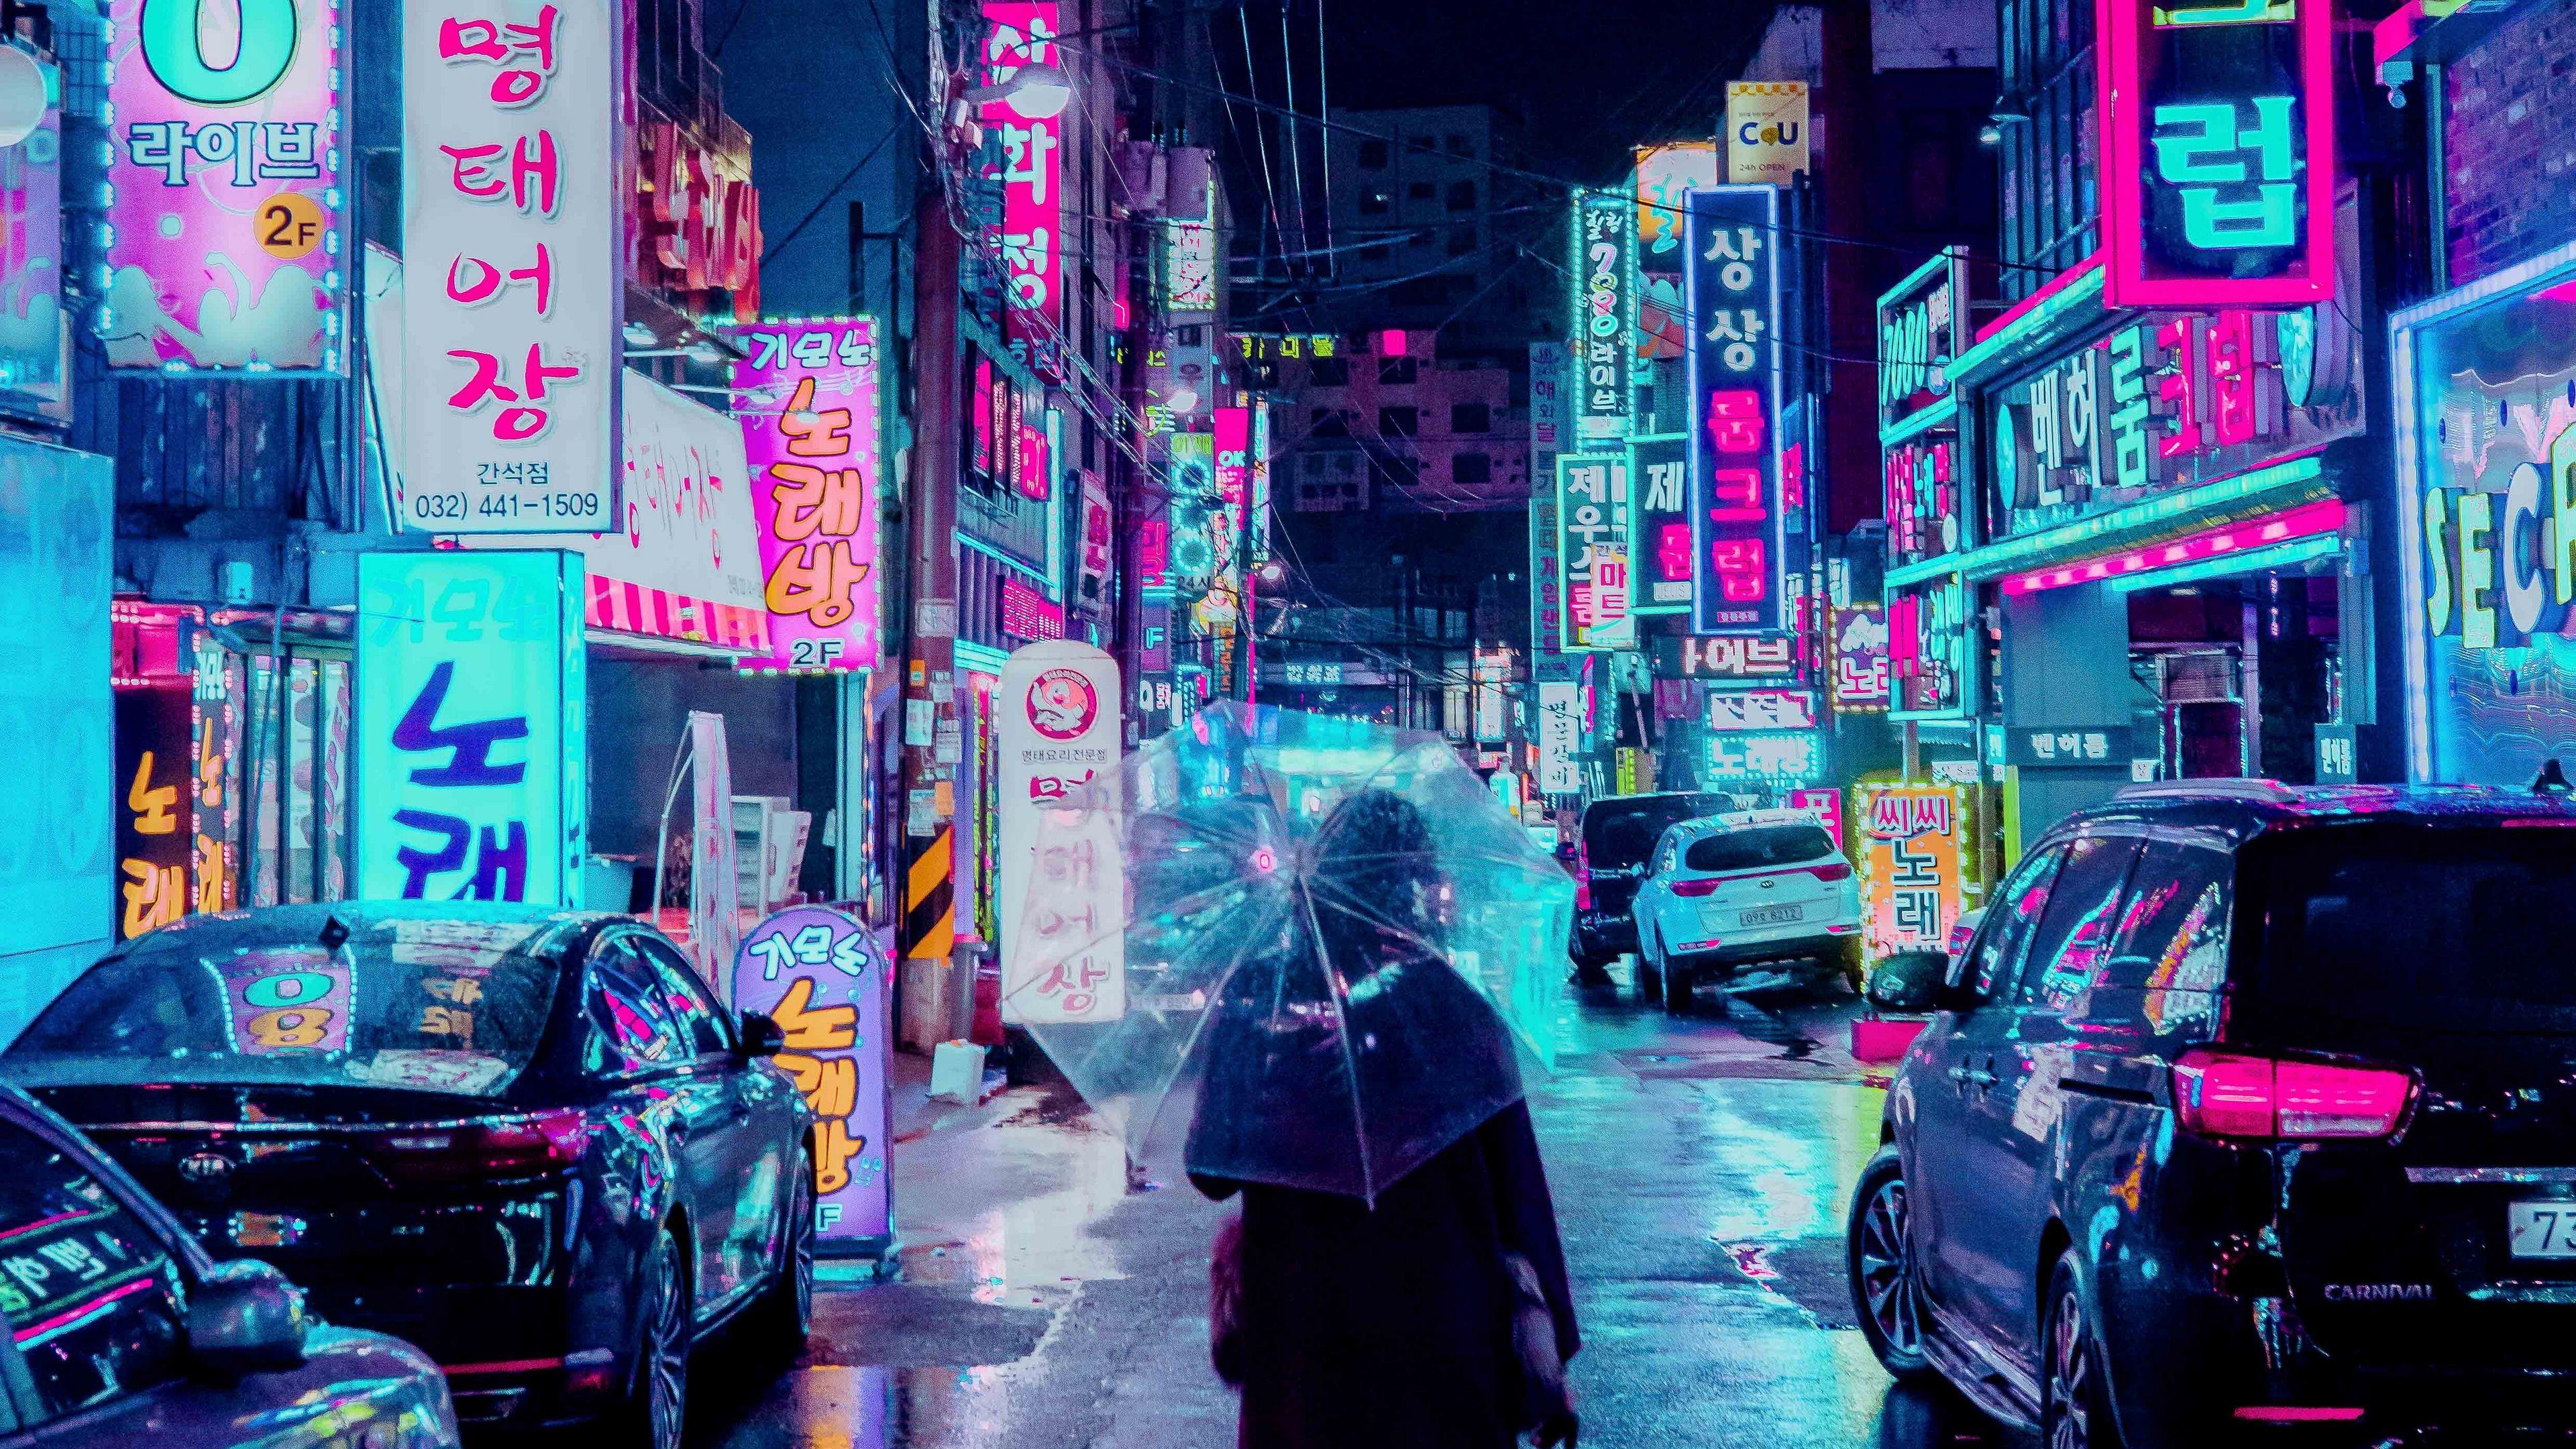 Neon Street Wallpapers Top Free Neon Street Backgrounds